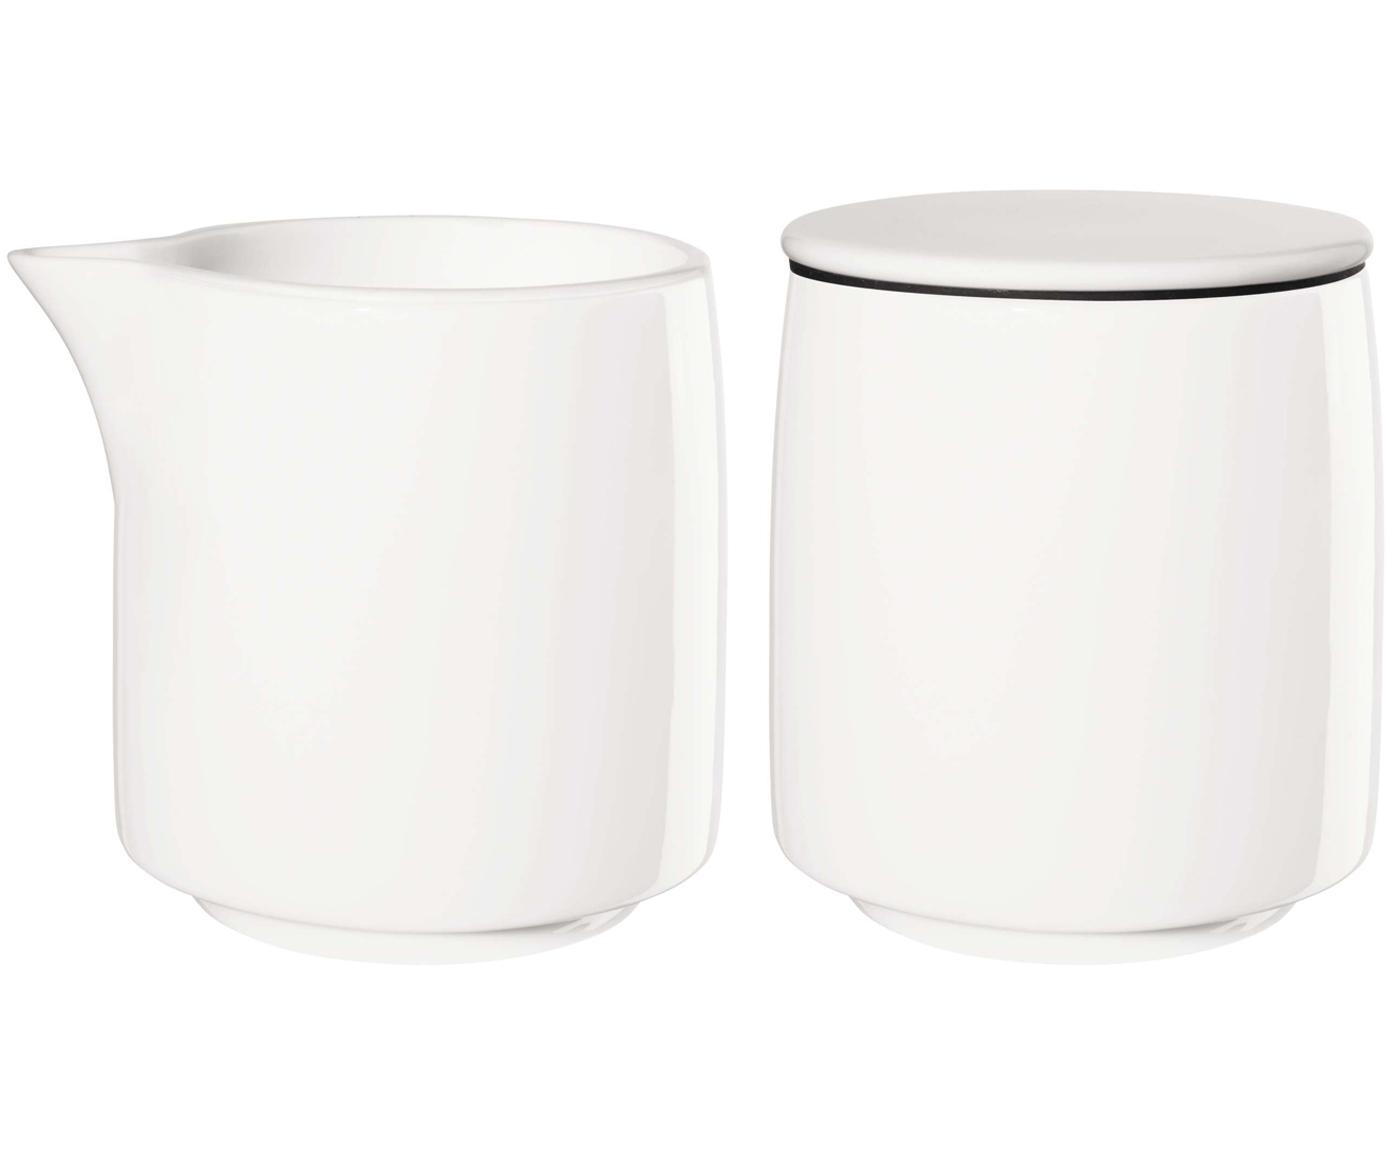 Milch- & Zucker-Set Safe, 2-tlg., Porzellan, Weiss, Schwarz, Ø 8 x H 8 cm